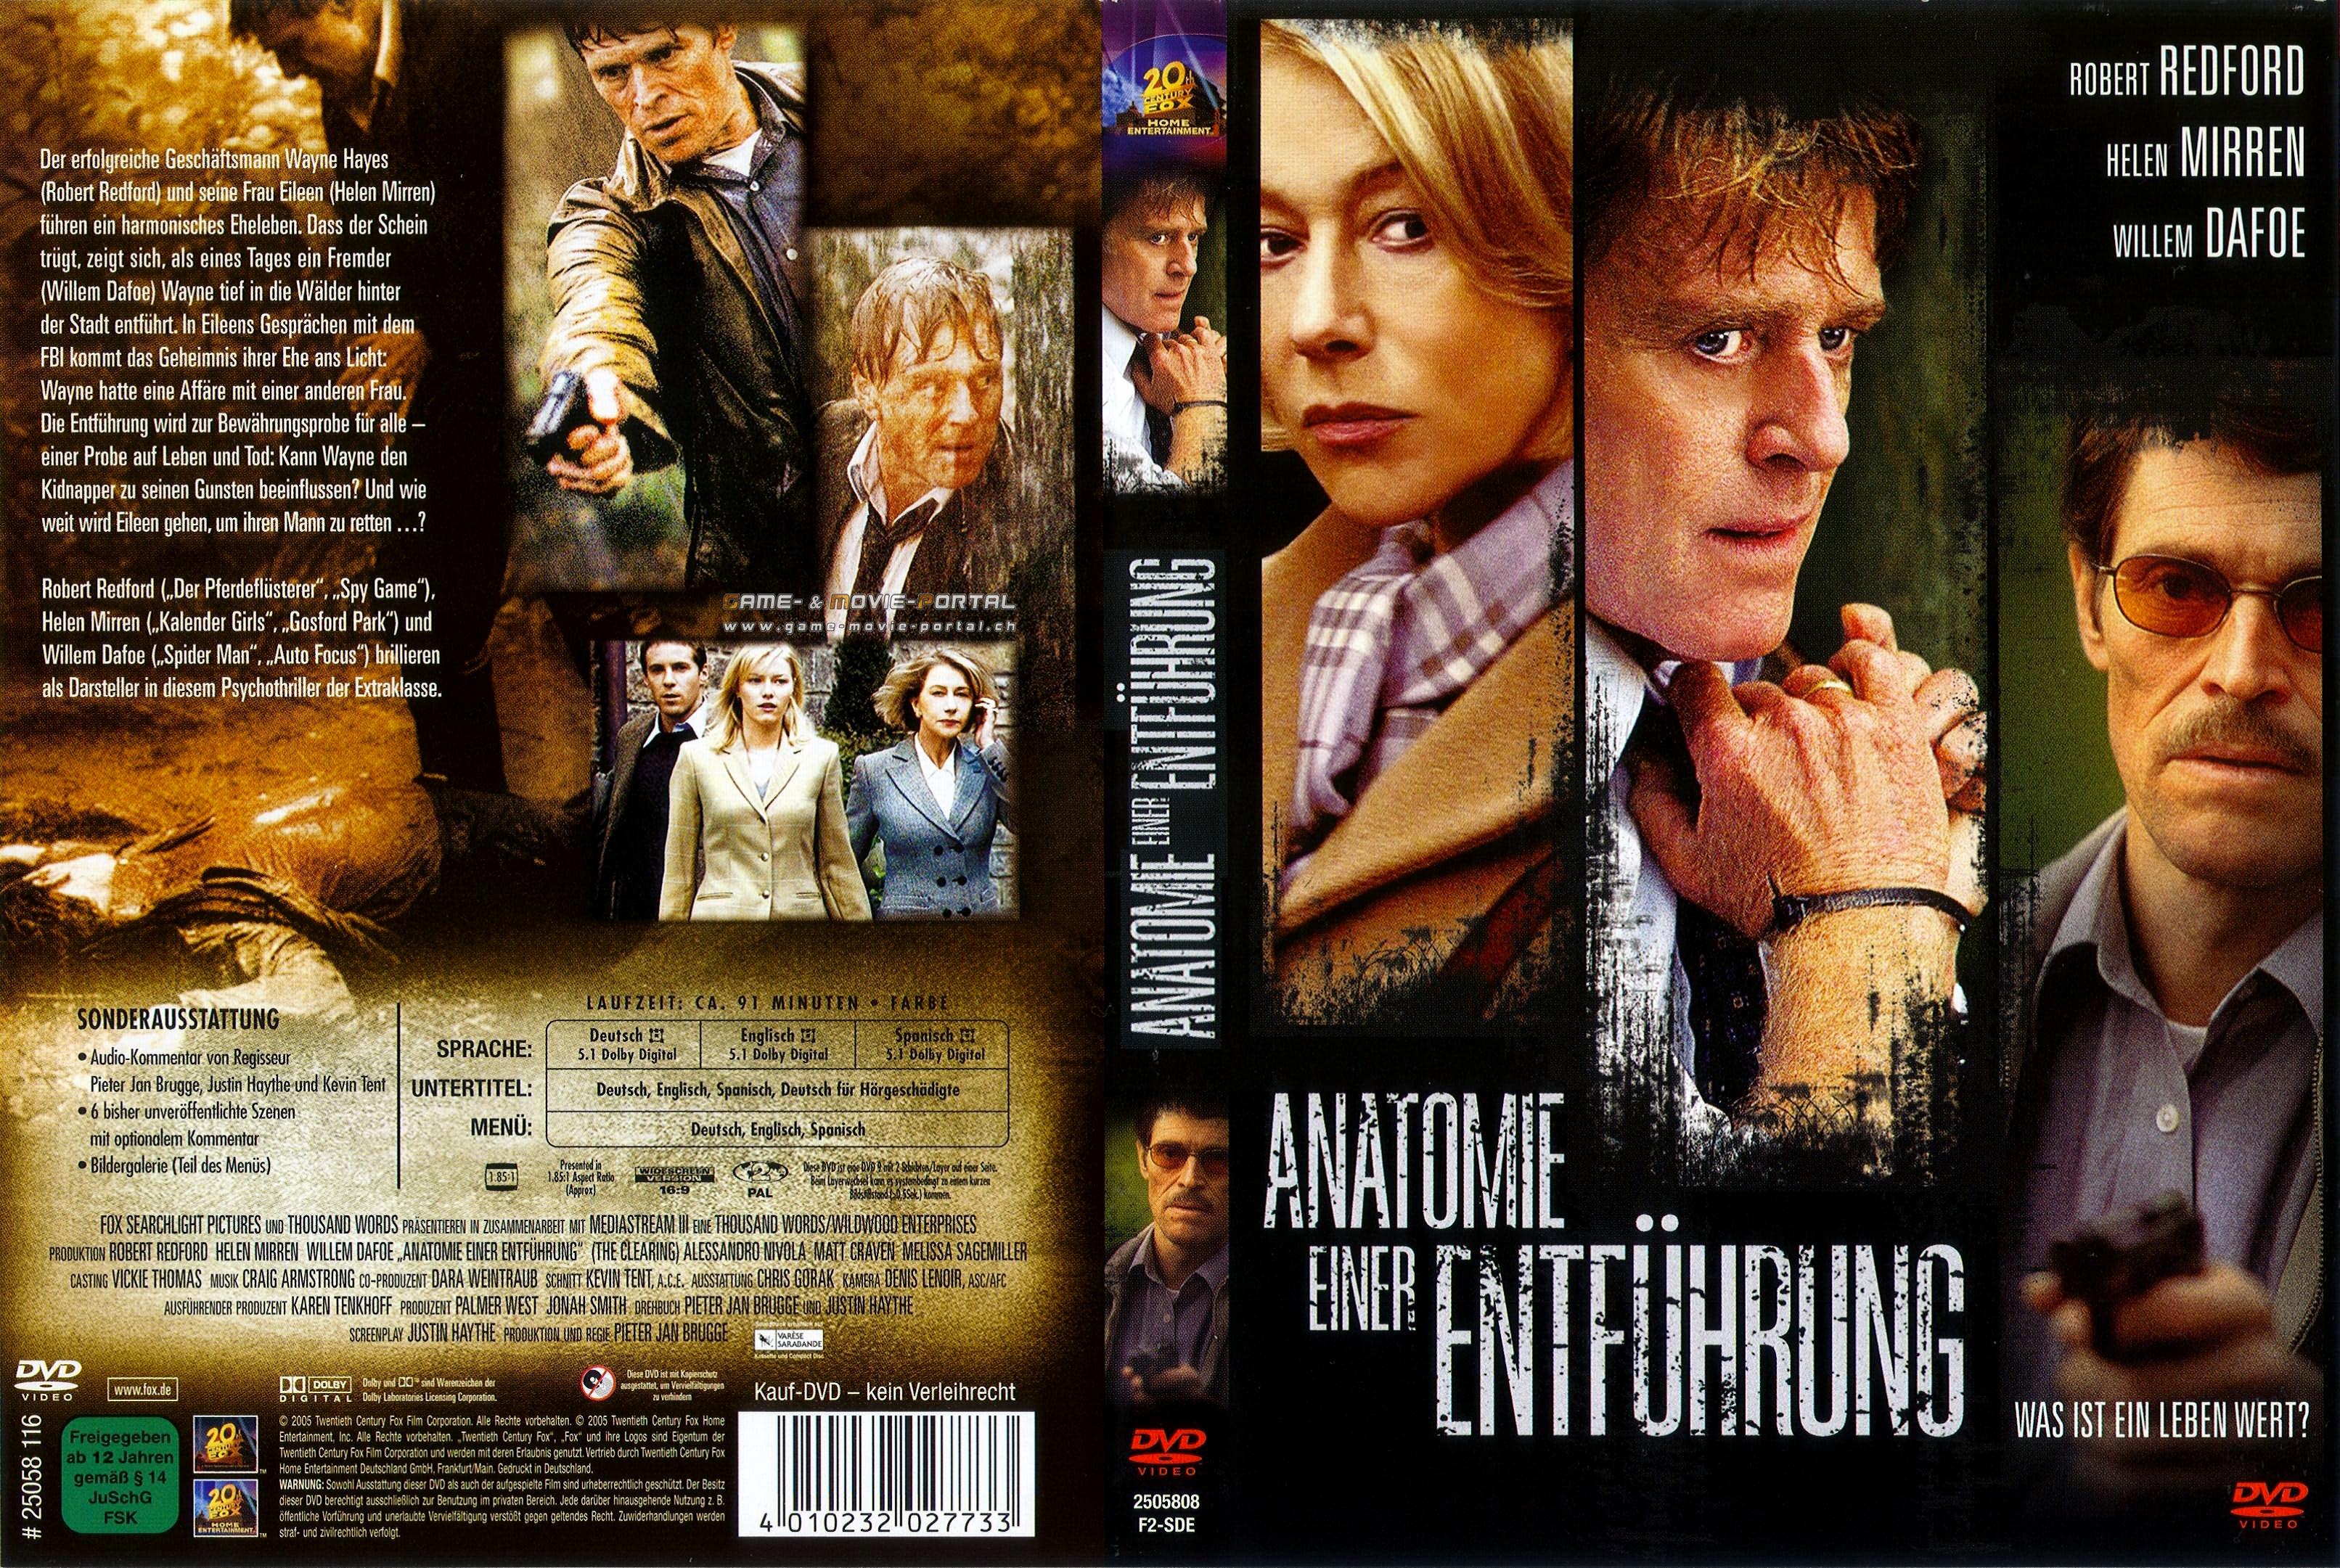 Anatomie einer Entfuehrung german dvd cover | German DVD Covers